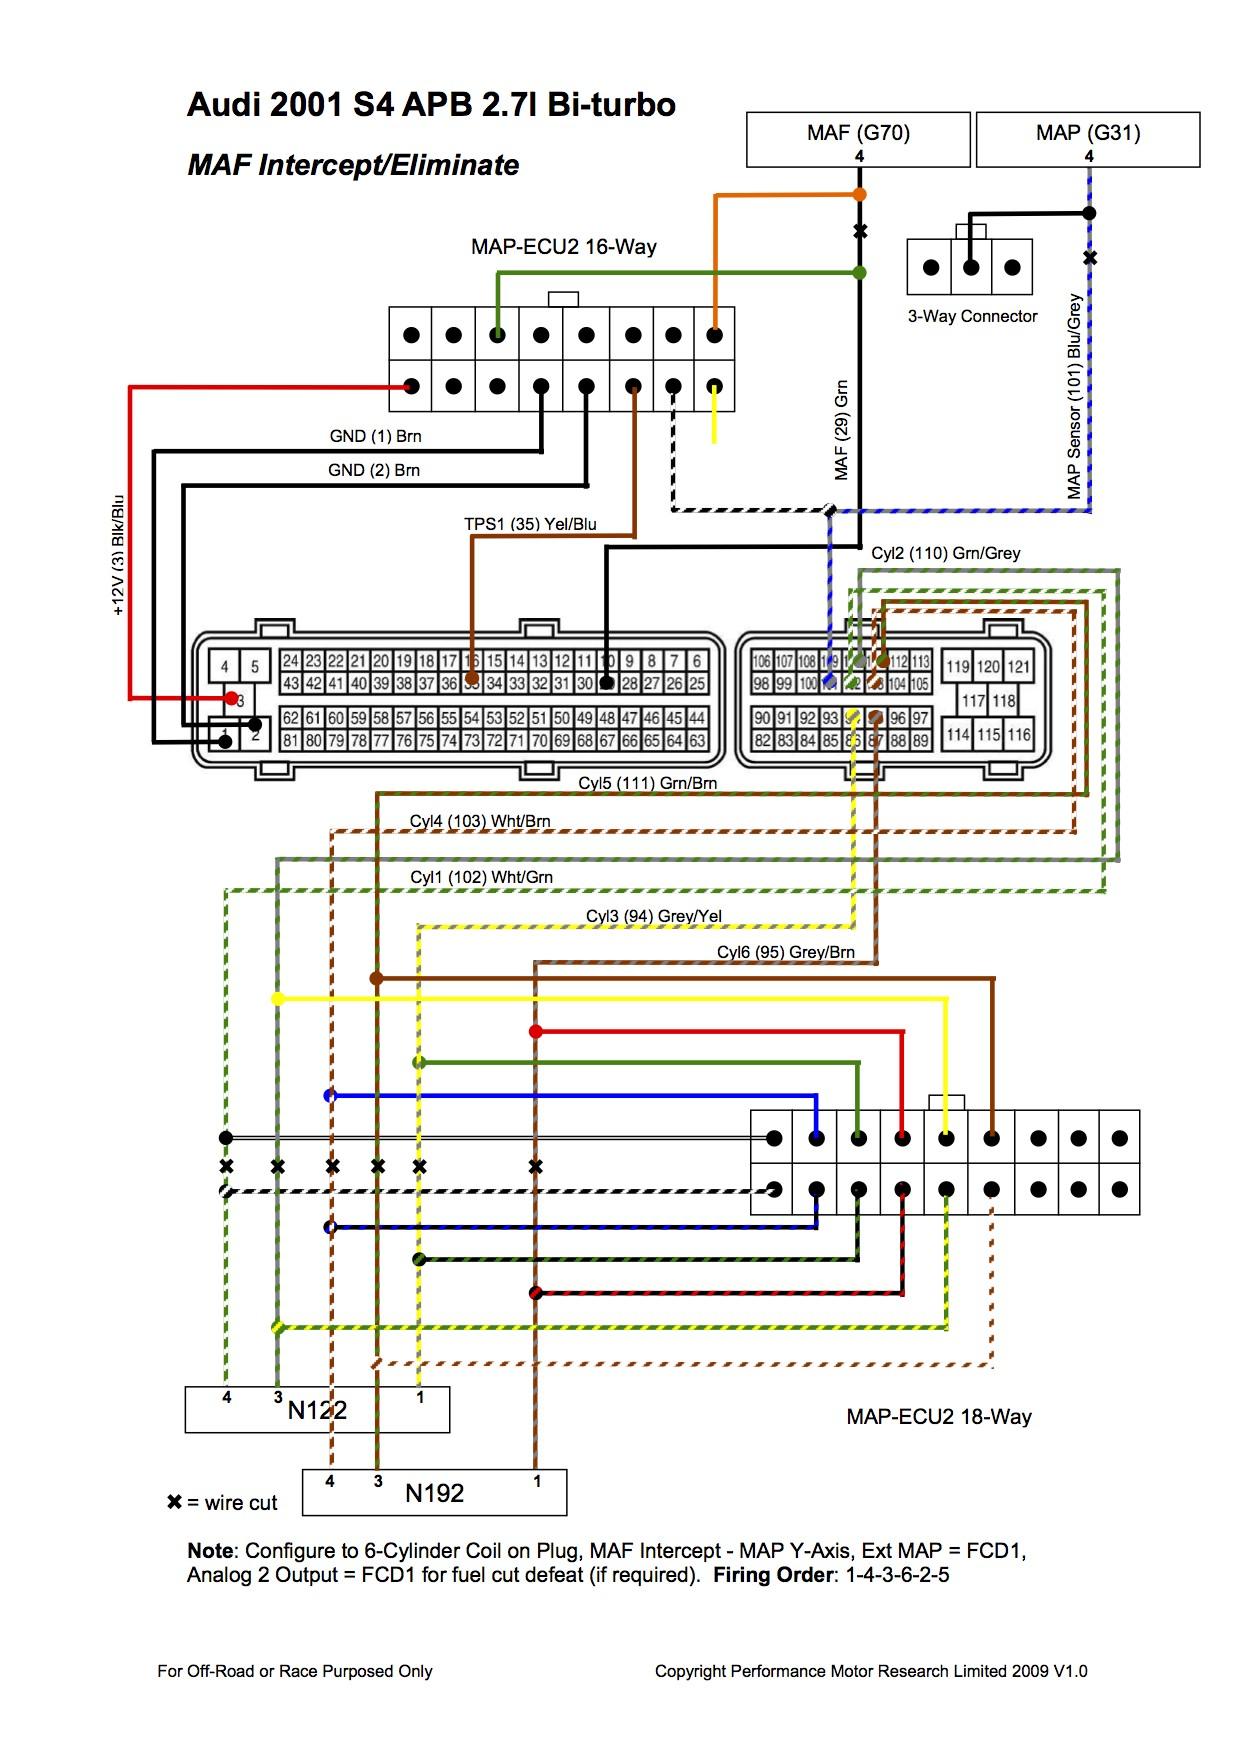 1999 Mitsubishi Eclipse Engine Diagram Mitsubishi Magna Wiring Diagram Wiring Diagram Of 1999 Mitsubishi Eclipse Engine Diagram